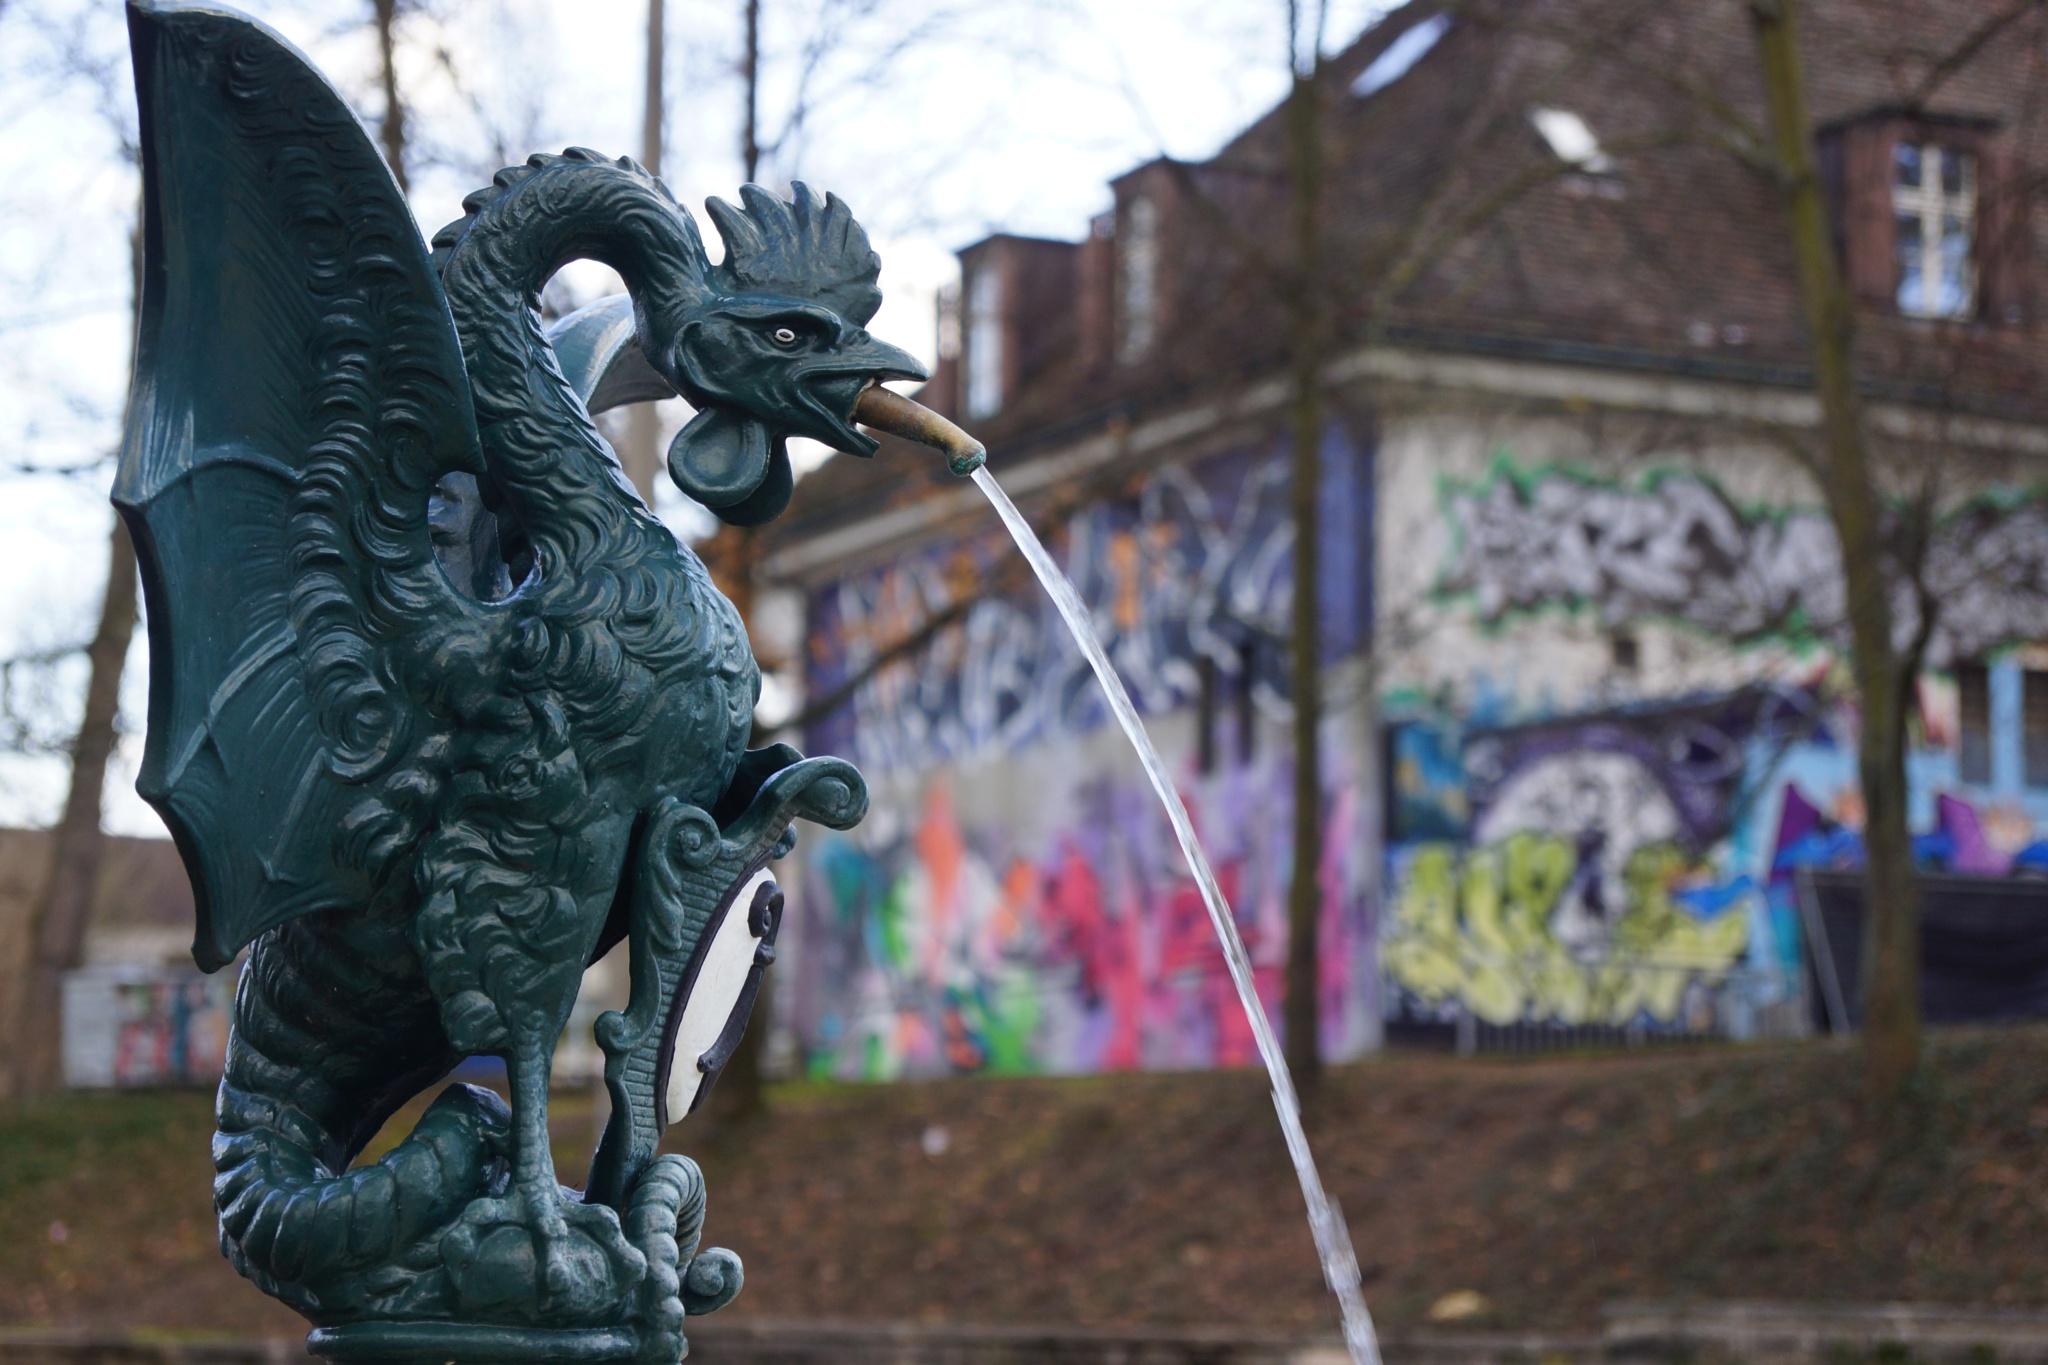 Urban Dragon by PabloT